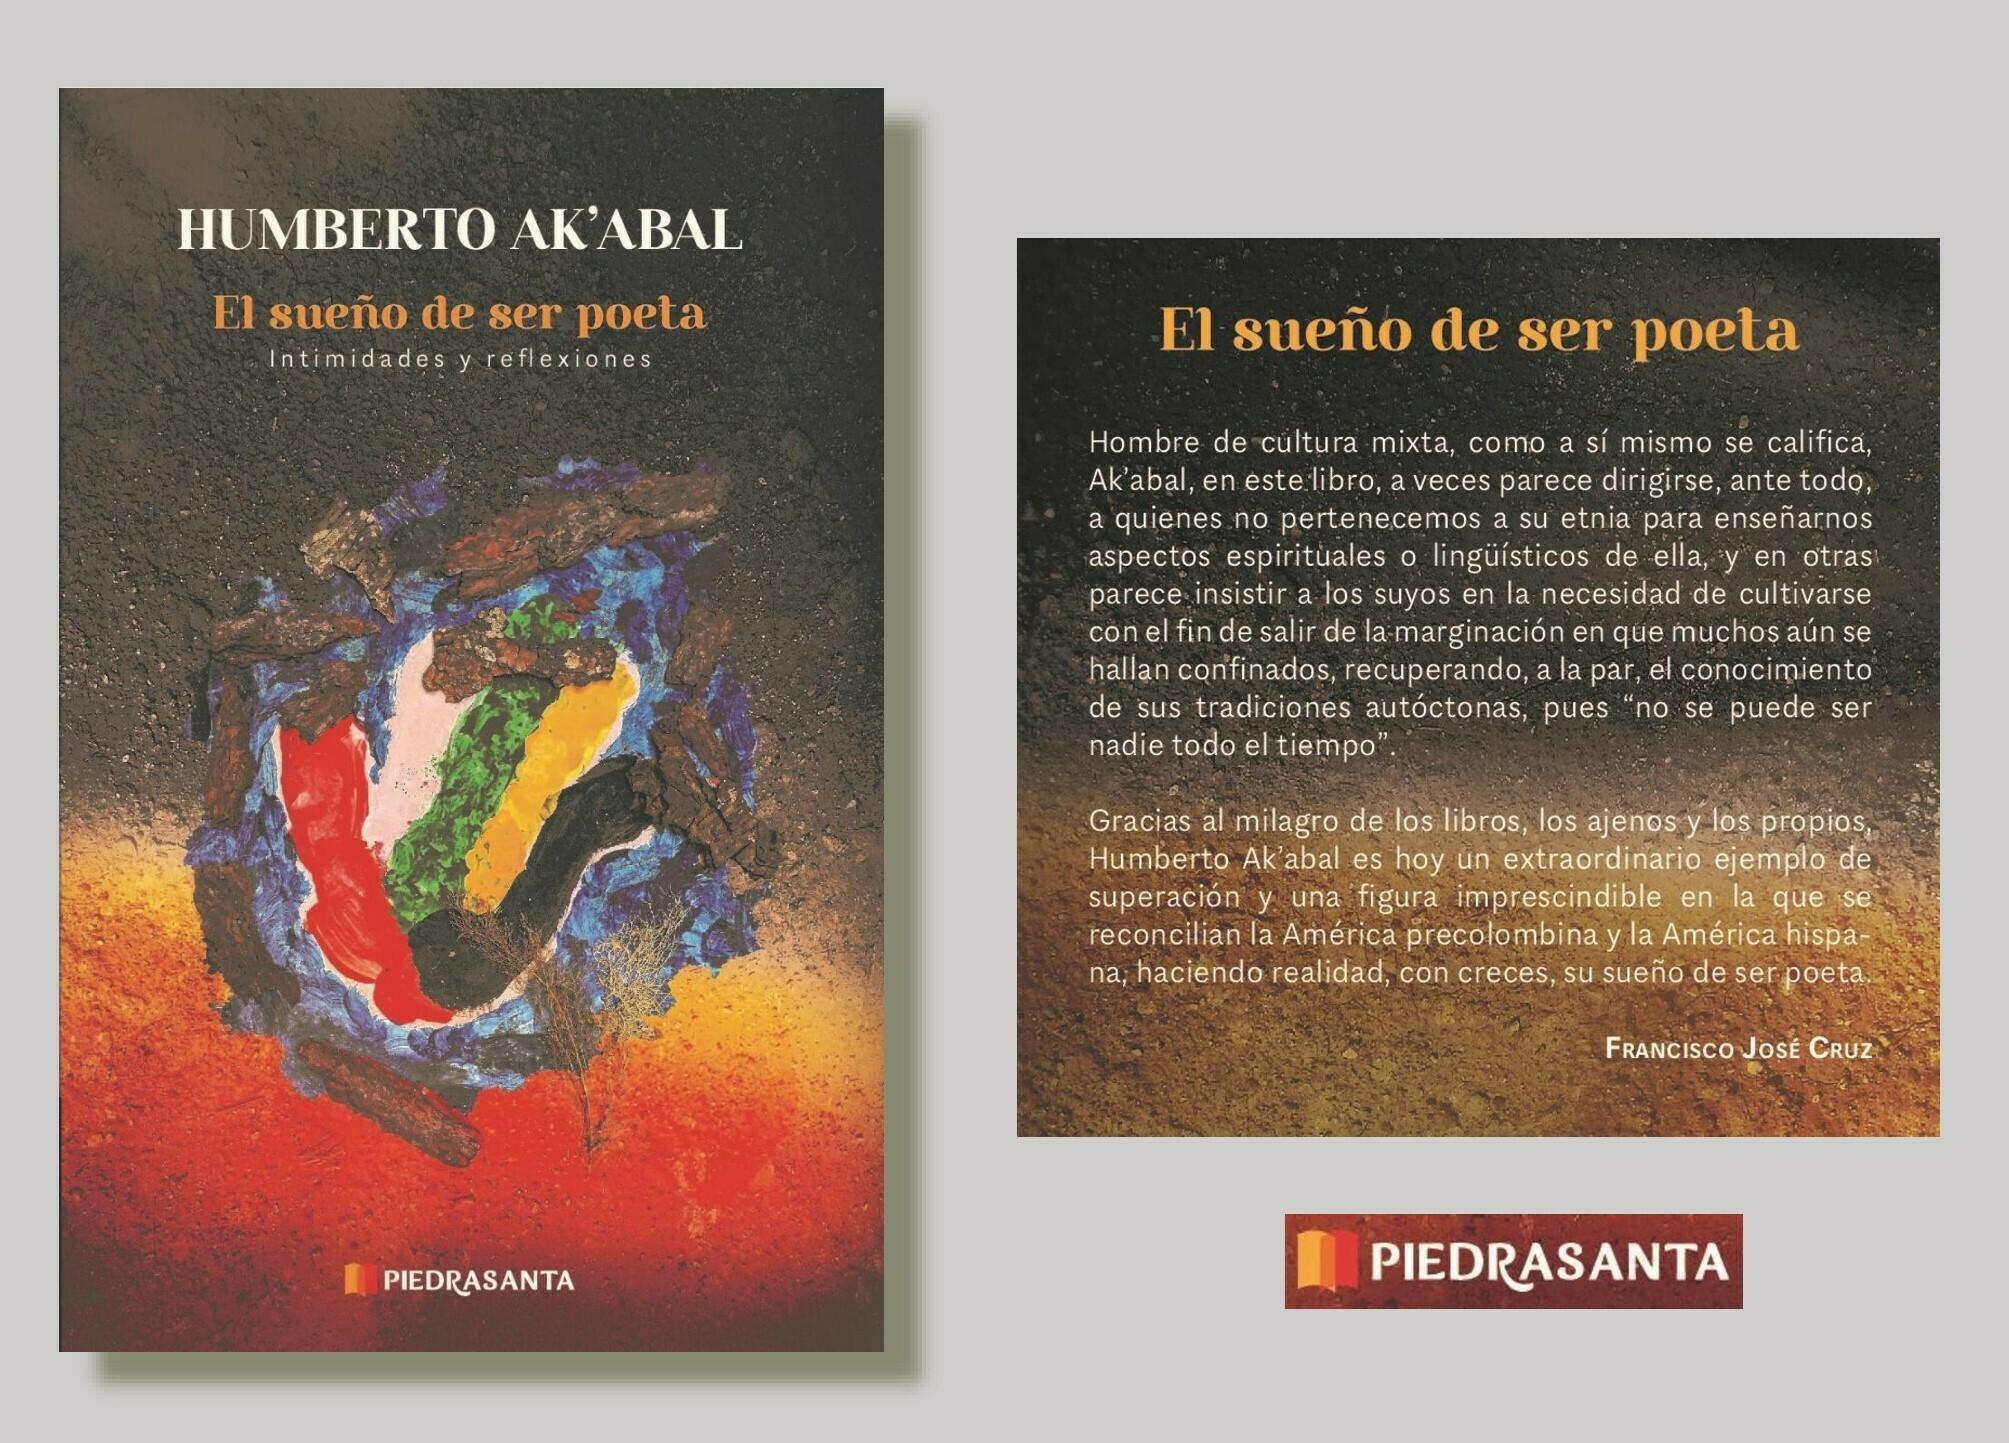 Publicada una obra póstuma de Humberto Ak'abal